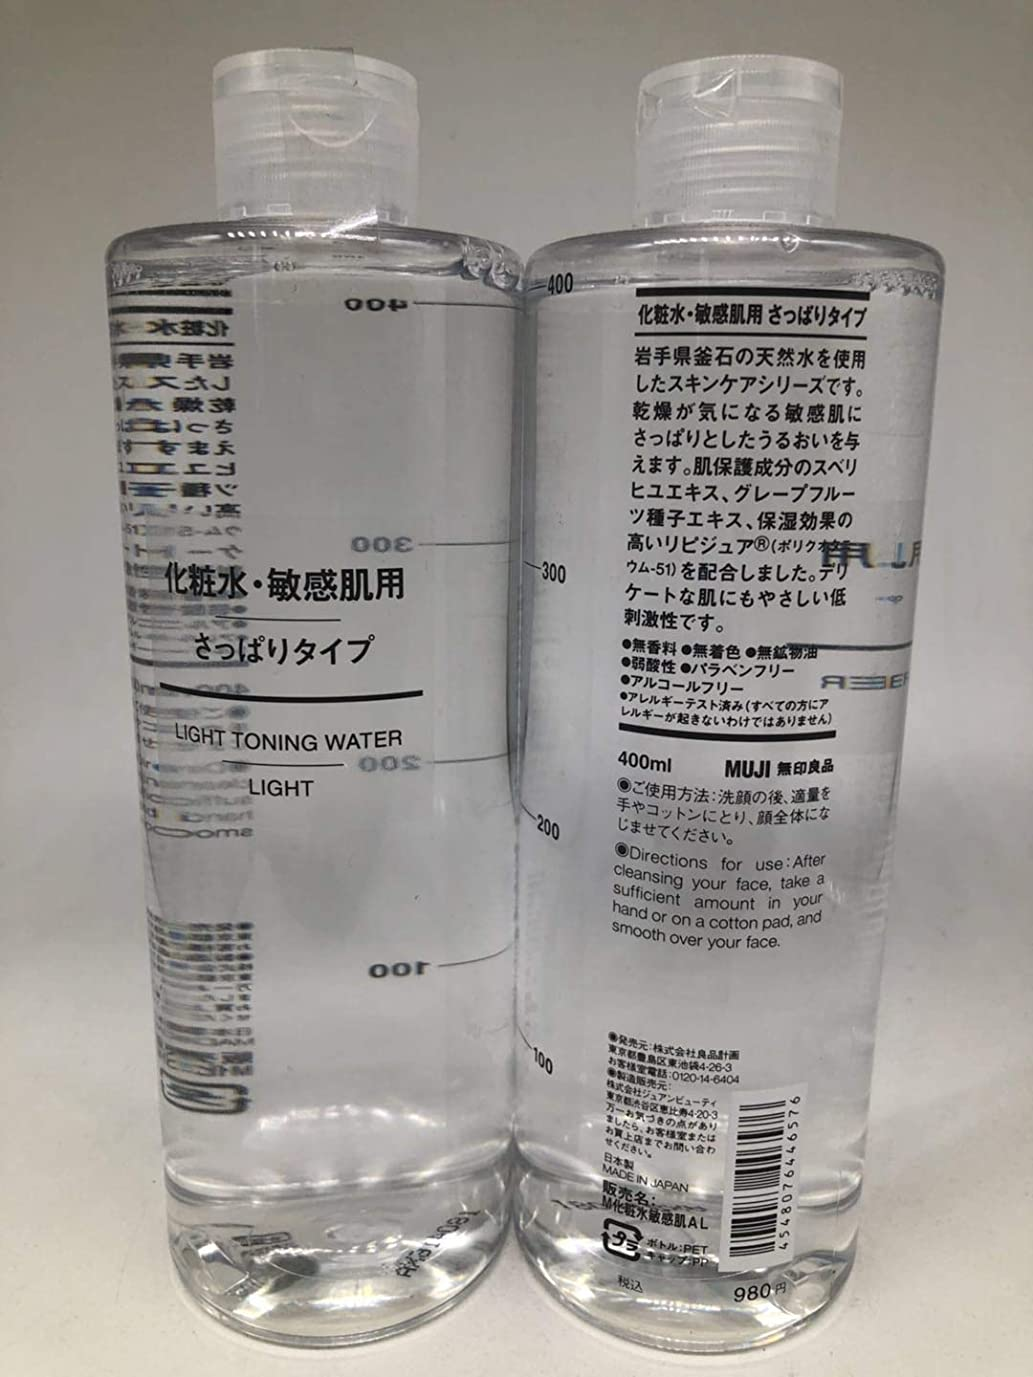 パンチ驚き旅無印良品 化粧水 敏感肌用 さっぱりタイプ(大容量) 400ml (2個)